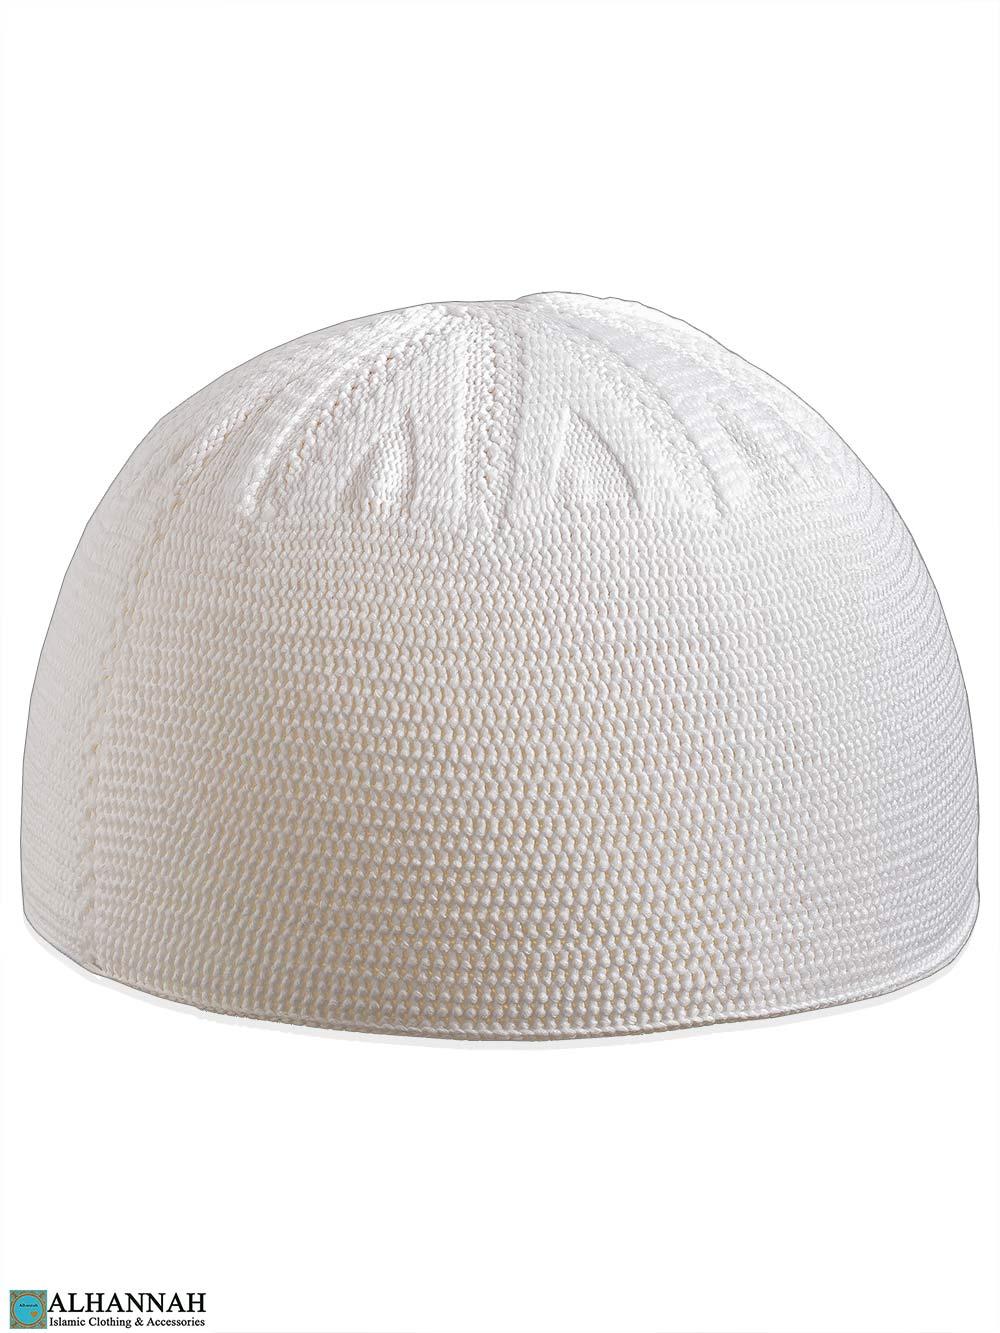 White Turkish Kufi Cap